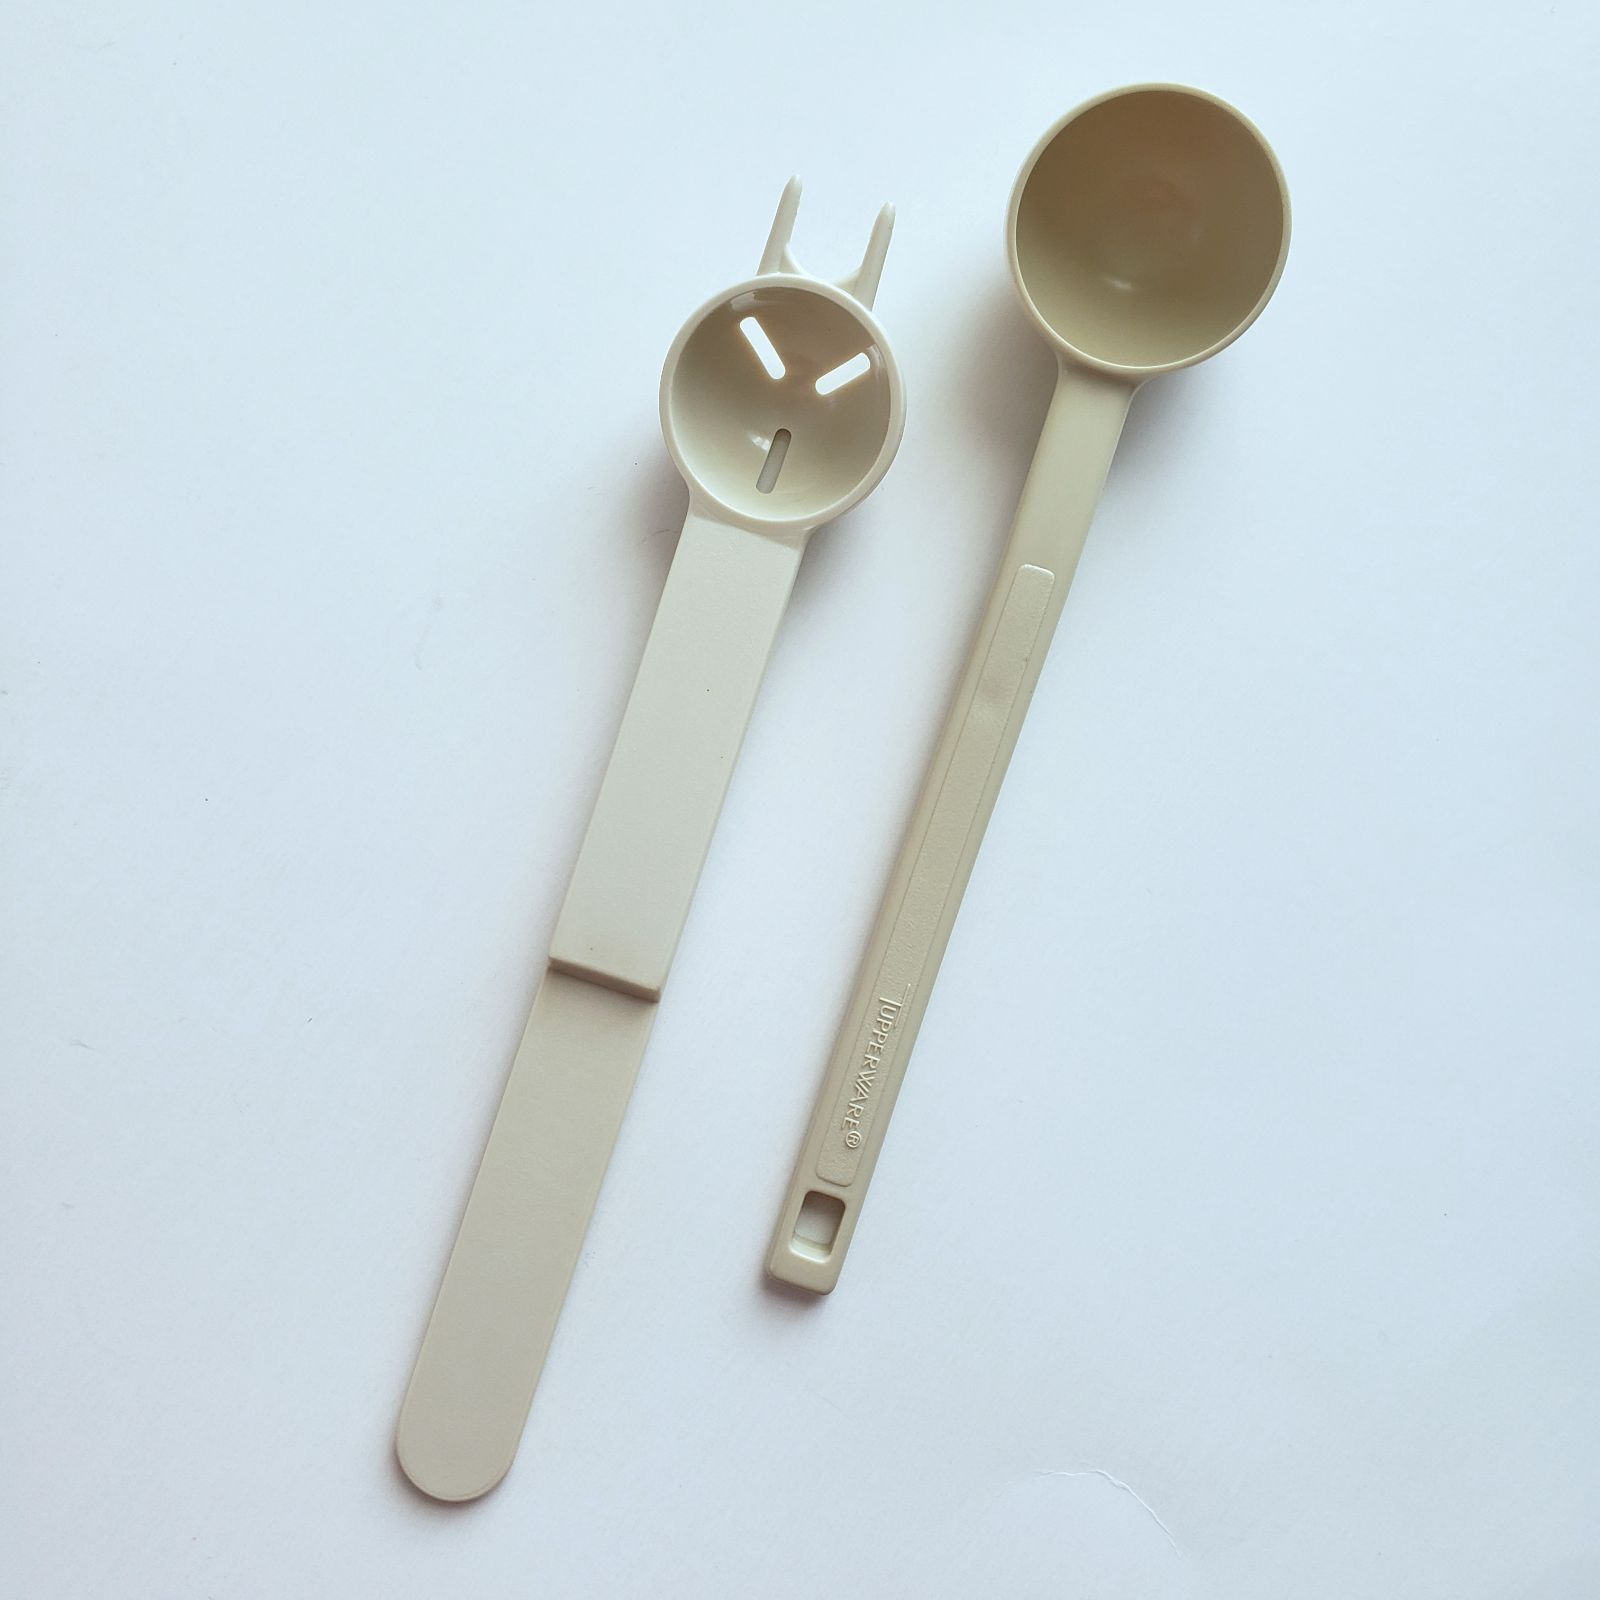 Vtg Tupperware Scoop & Olive Fork Set